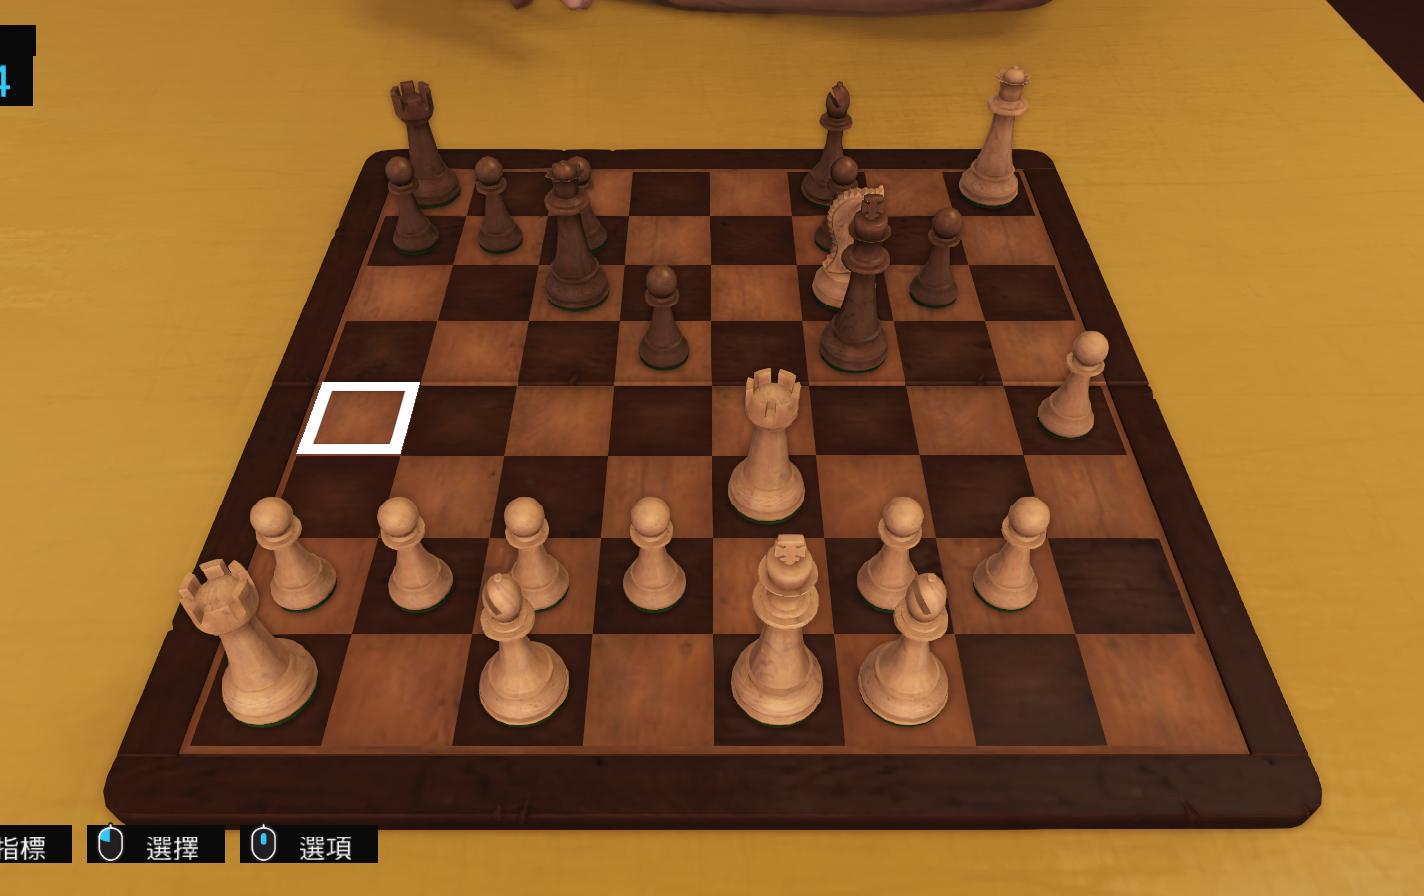 求国际象棋解法图片